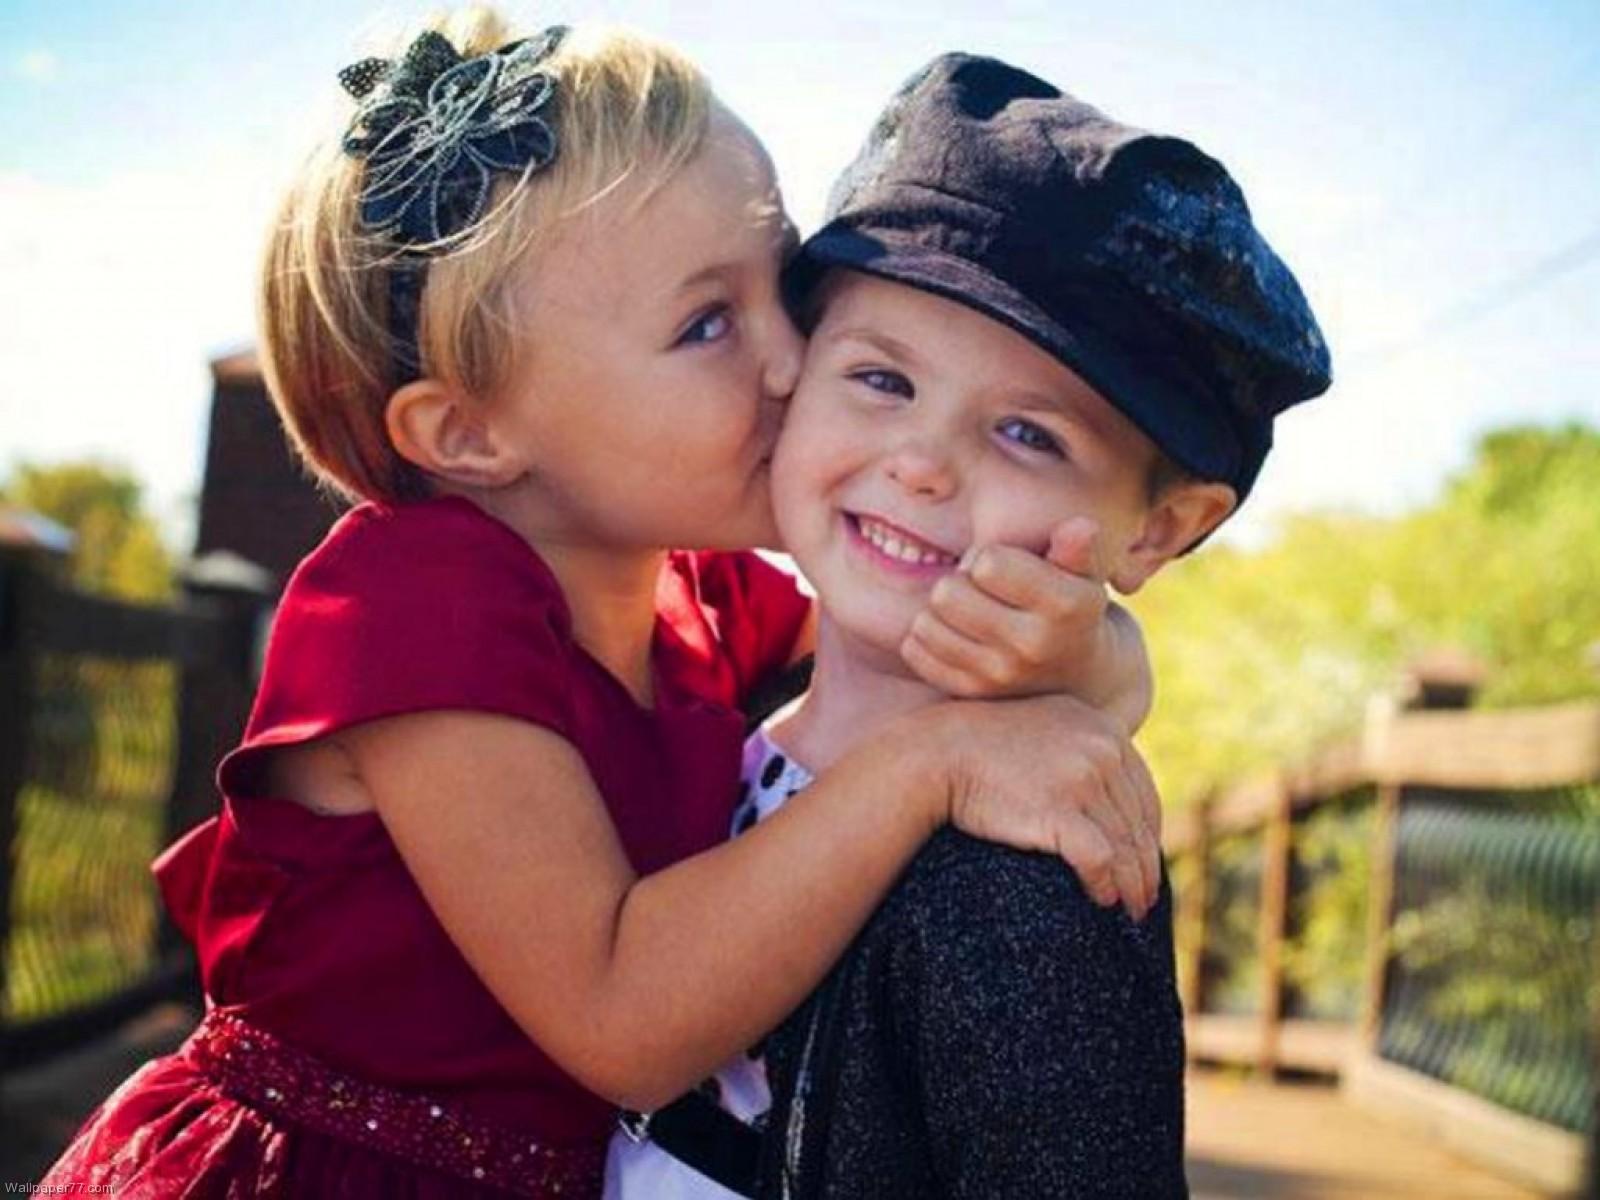 Cute Baby Kiss 6992818